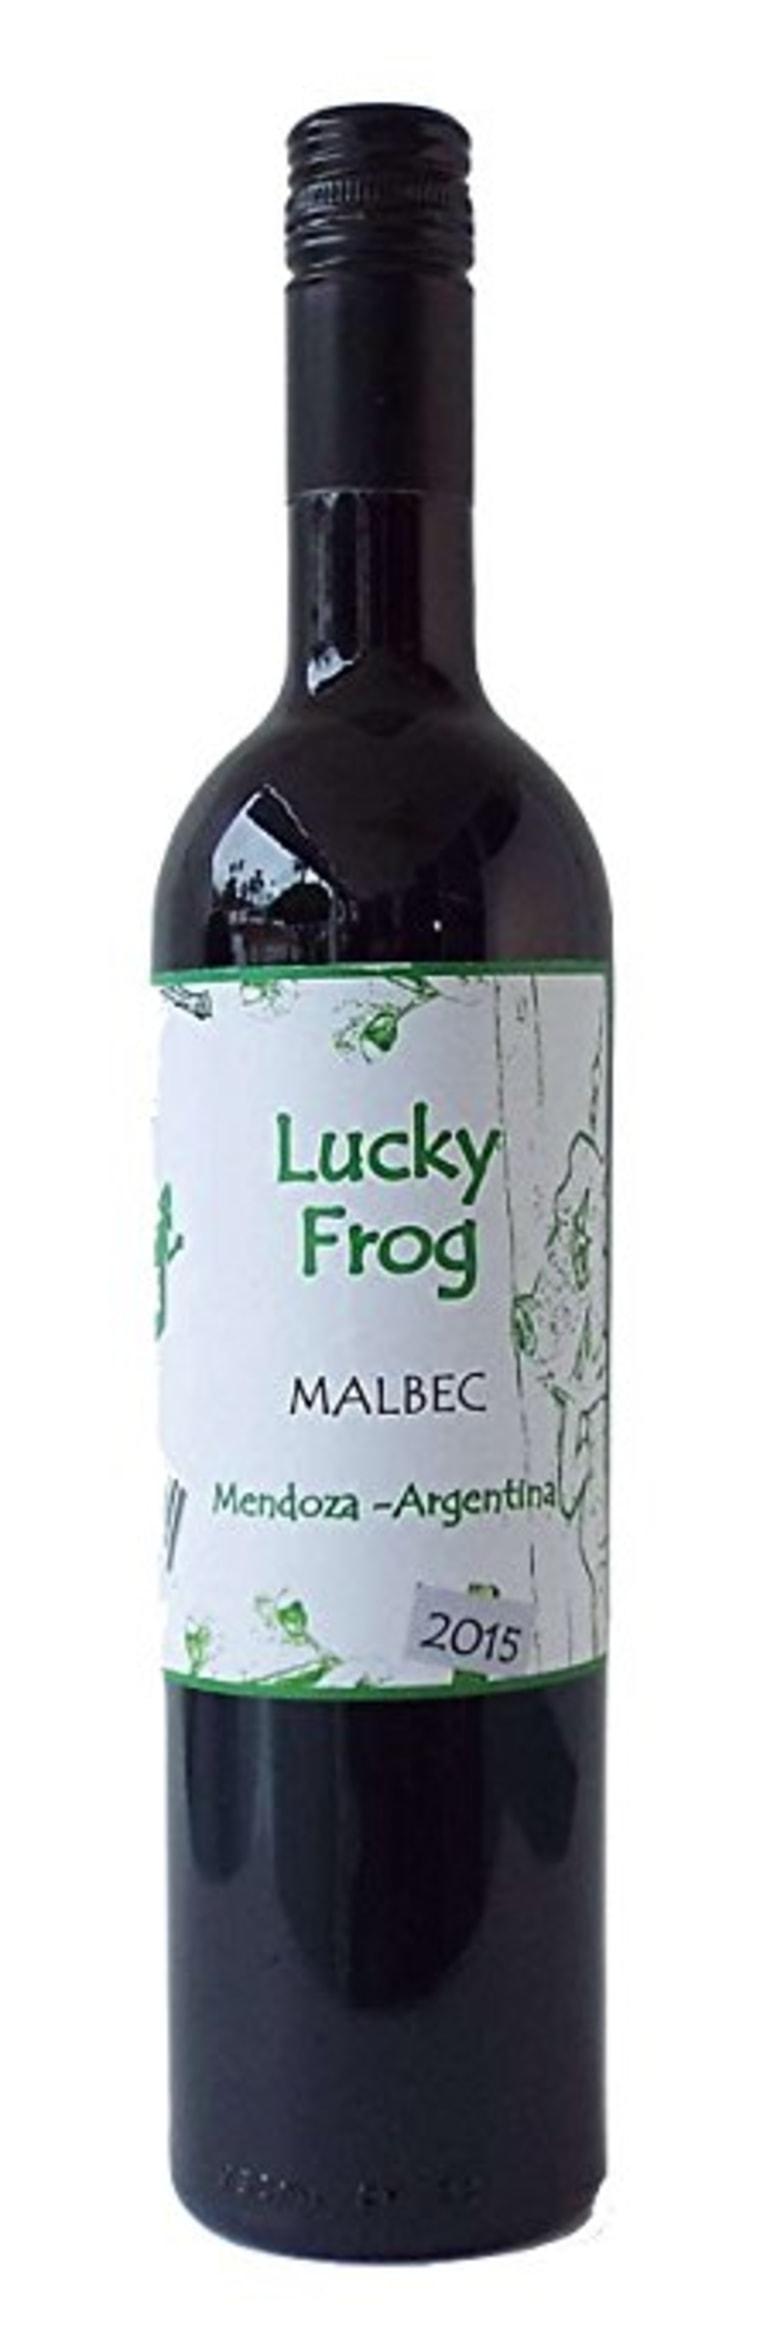 Lucky Frog bottle of wine